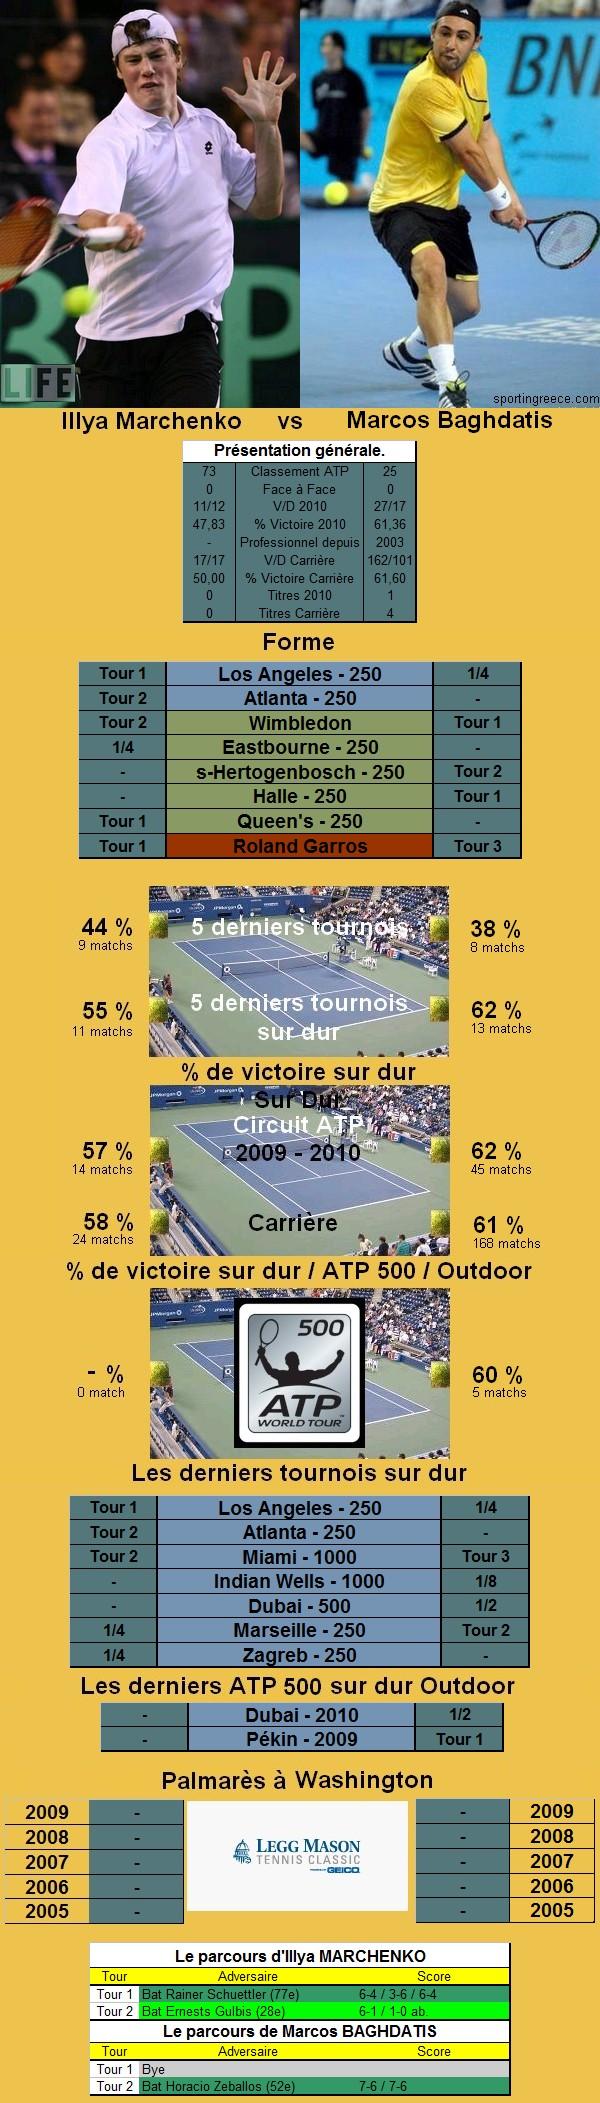 Statistiques tennis de Marchenko contre Baghdatis à Washington